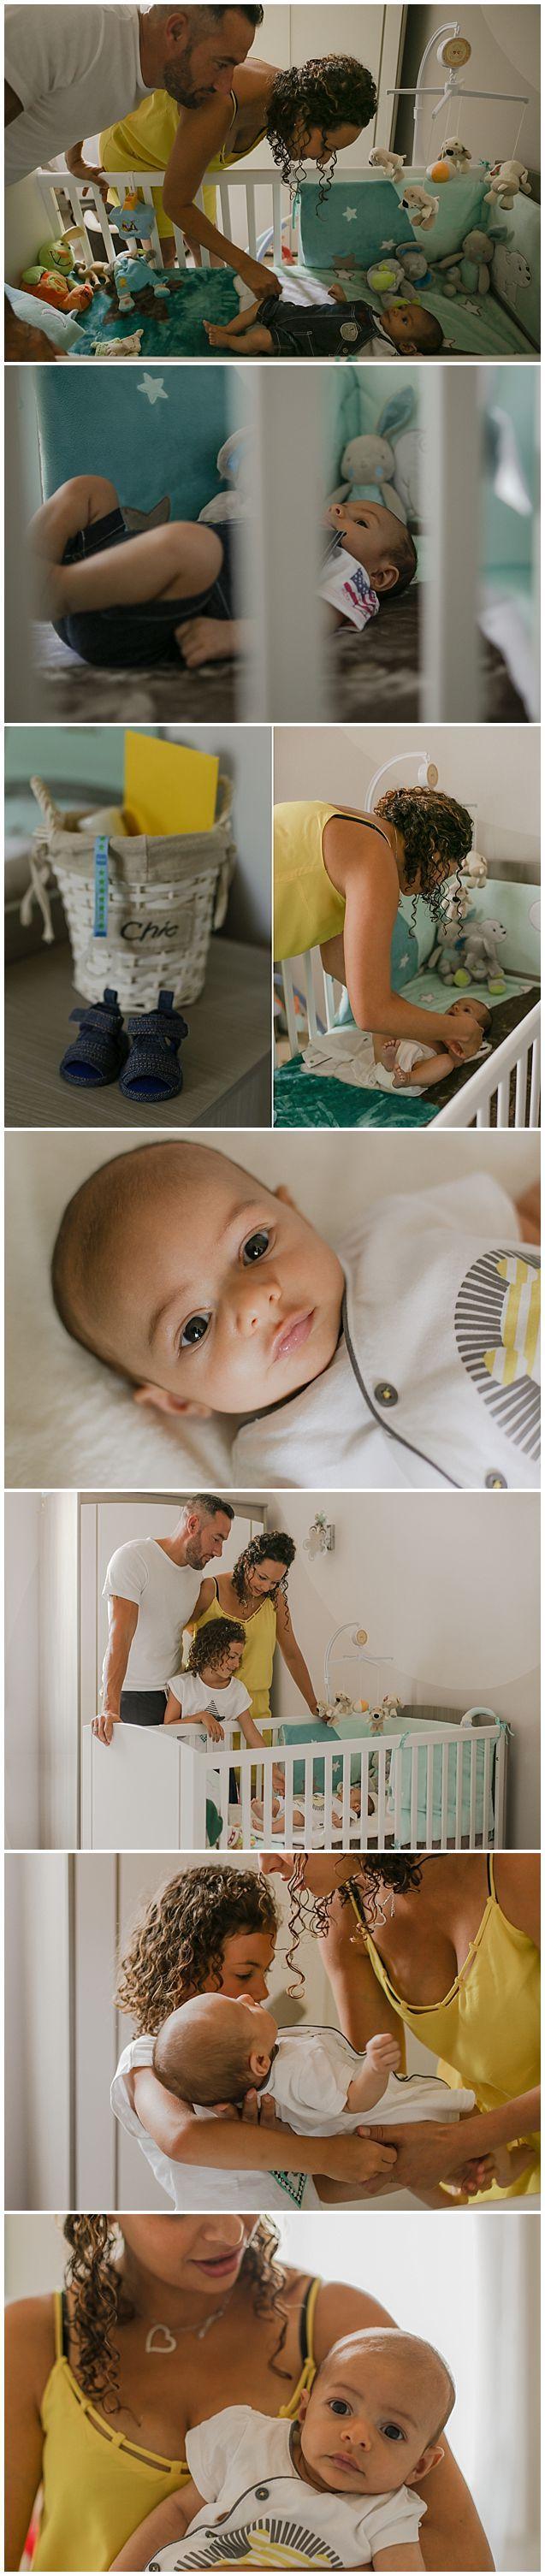 les moments d'où | Birth photography, Familly and kids Photography , Lifestyle Photography • séance naissance à domicile | Un rendez-vous, de la tendresse